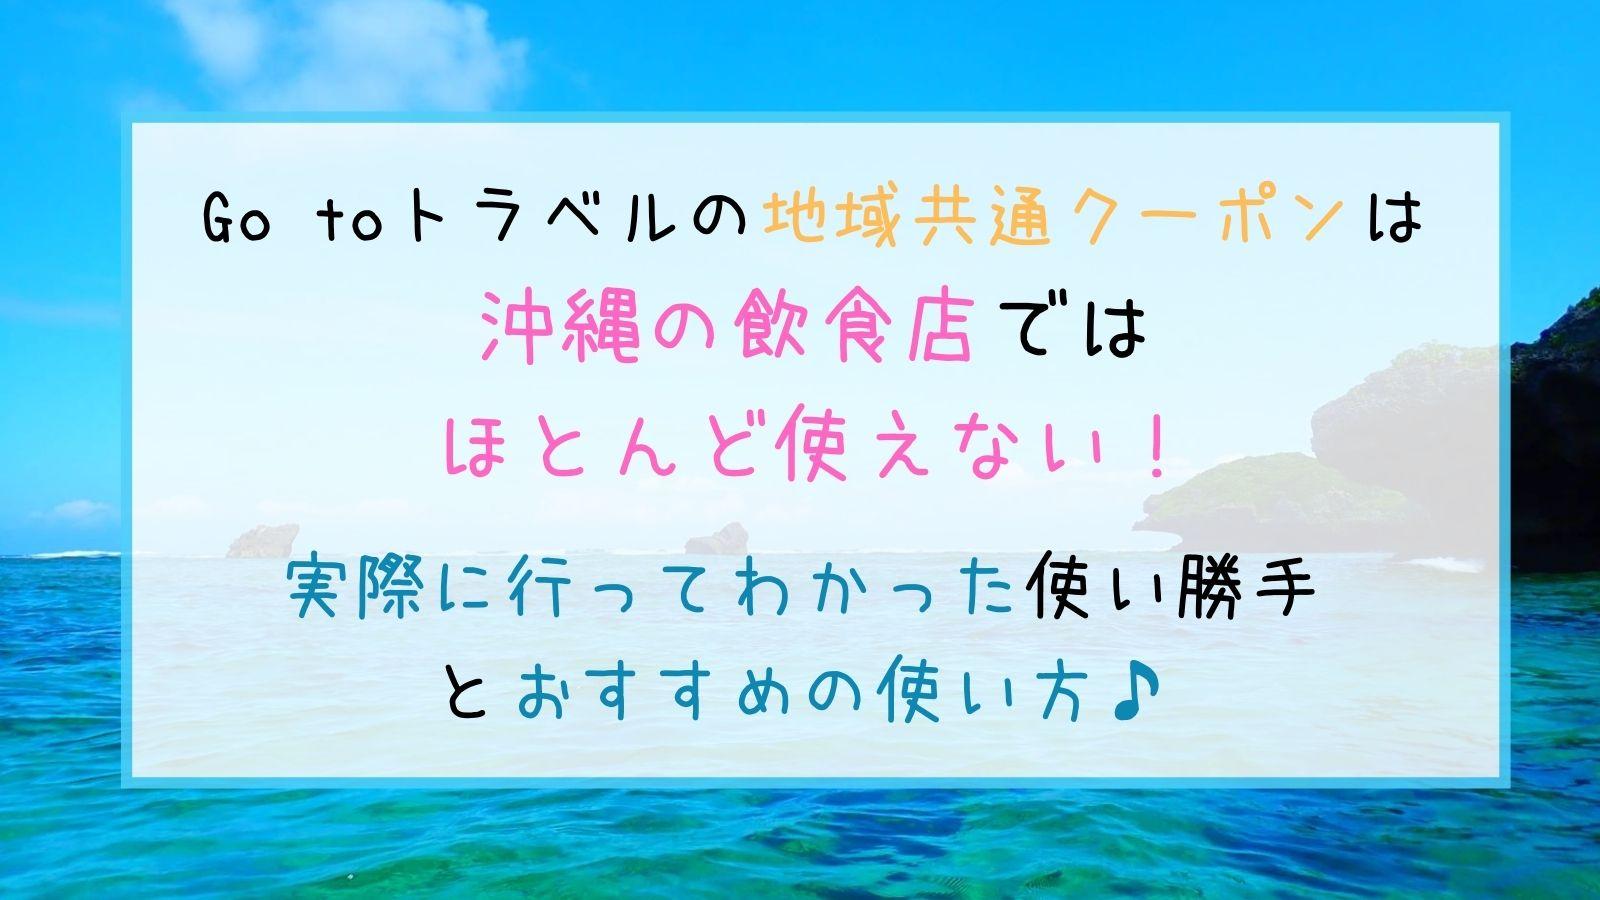 子出かけノート子連れ沖縄Gotoトラベル地域共通クーポン飲食店で使えない実際に行ってわかった使い勝手とおすすめの使い方